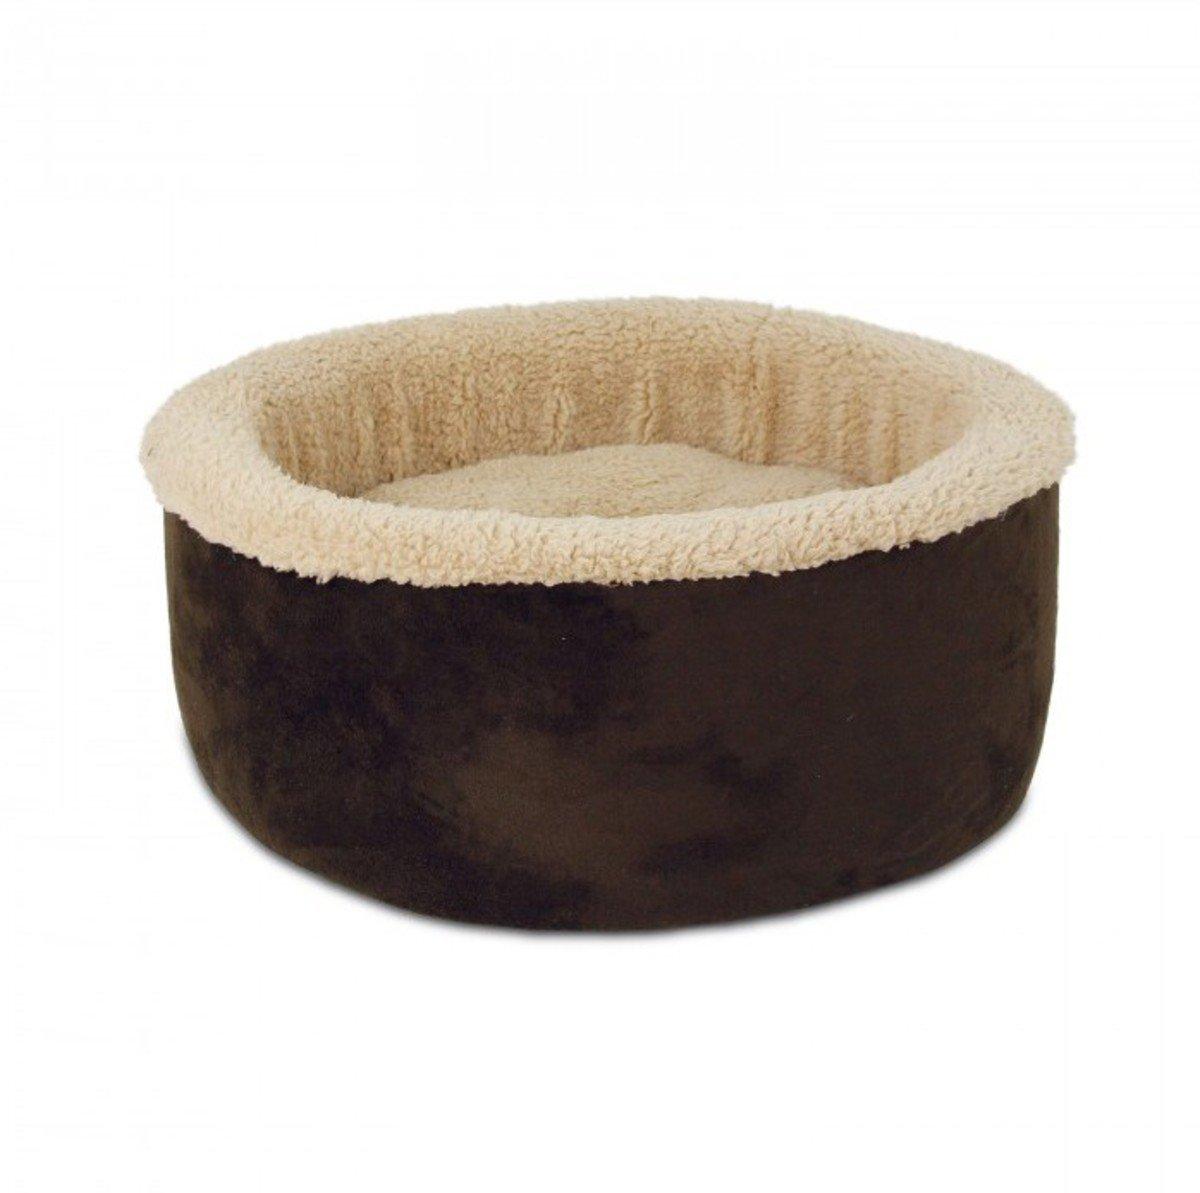 圓形軟軟貓床